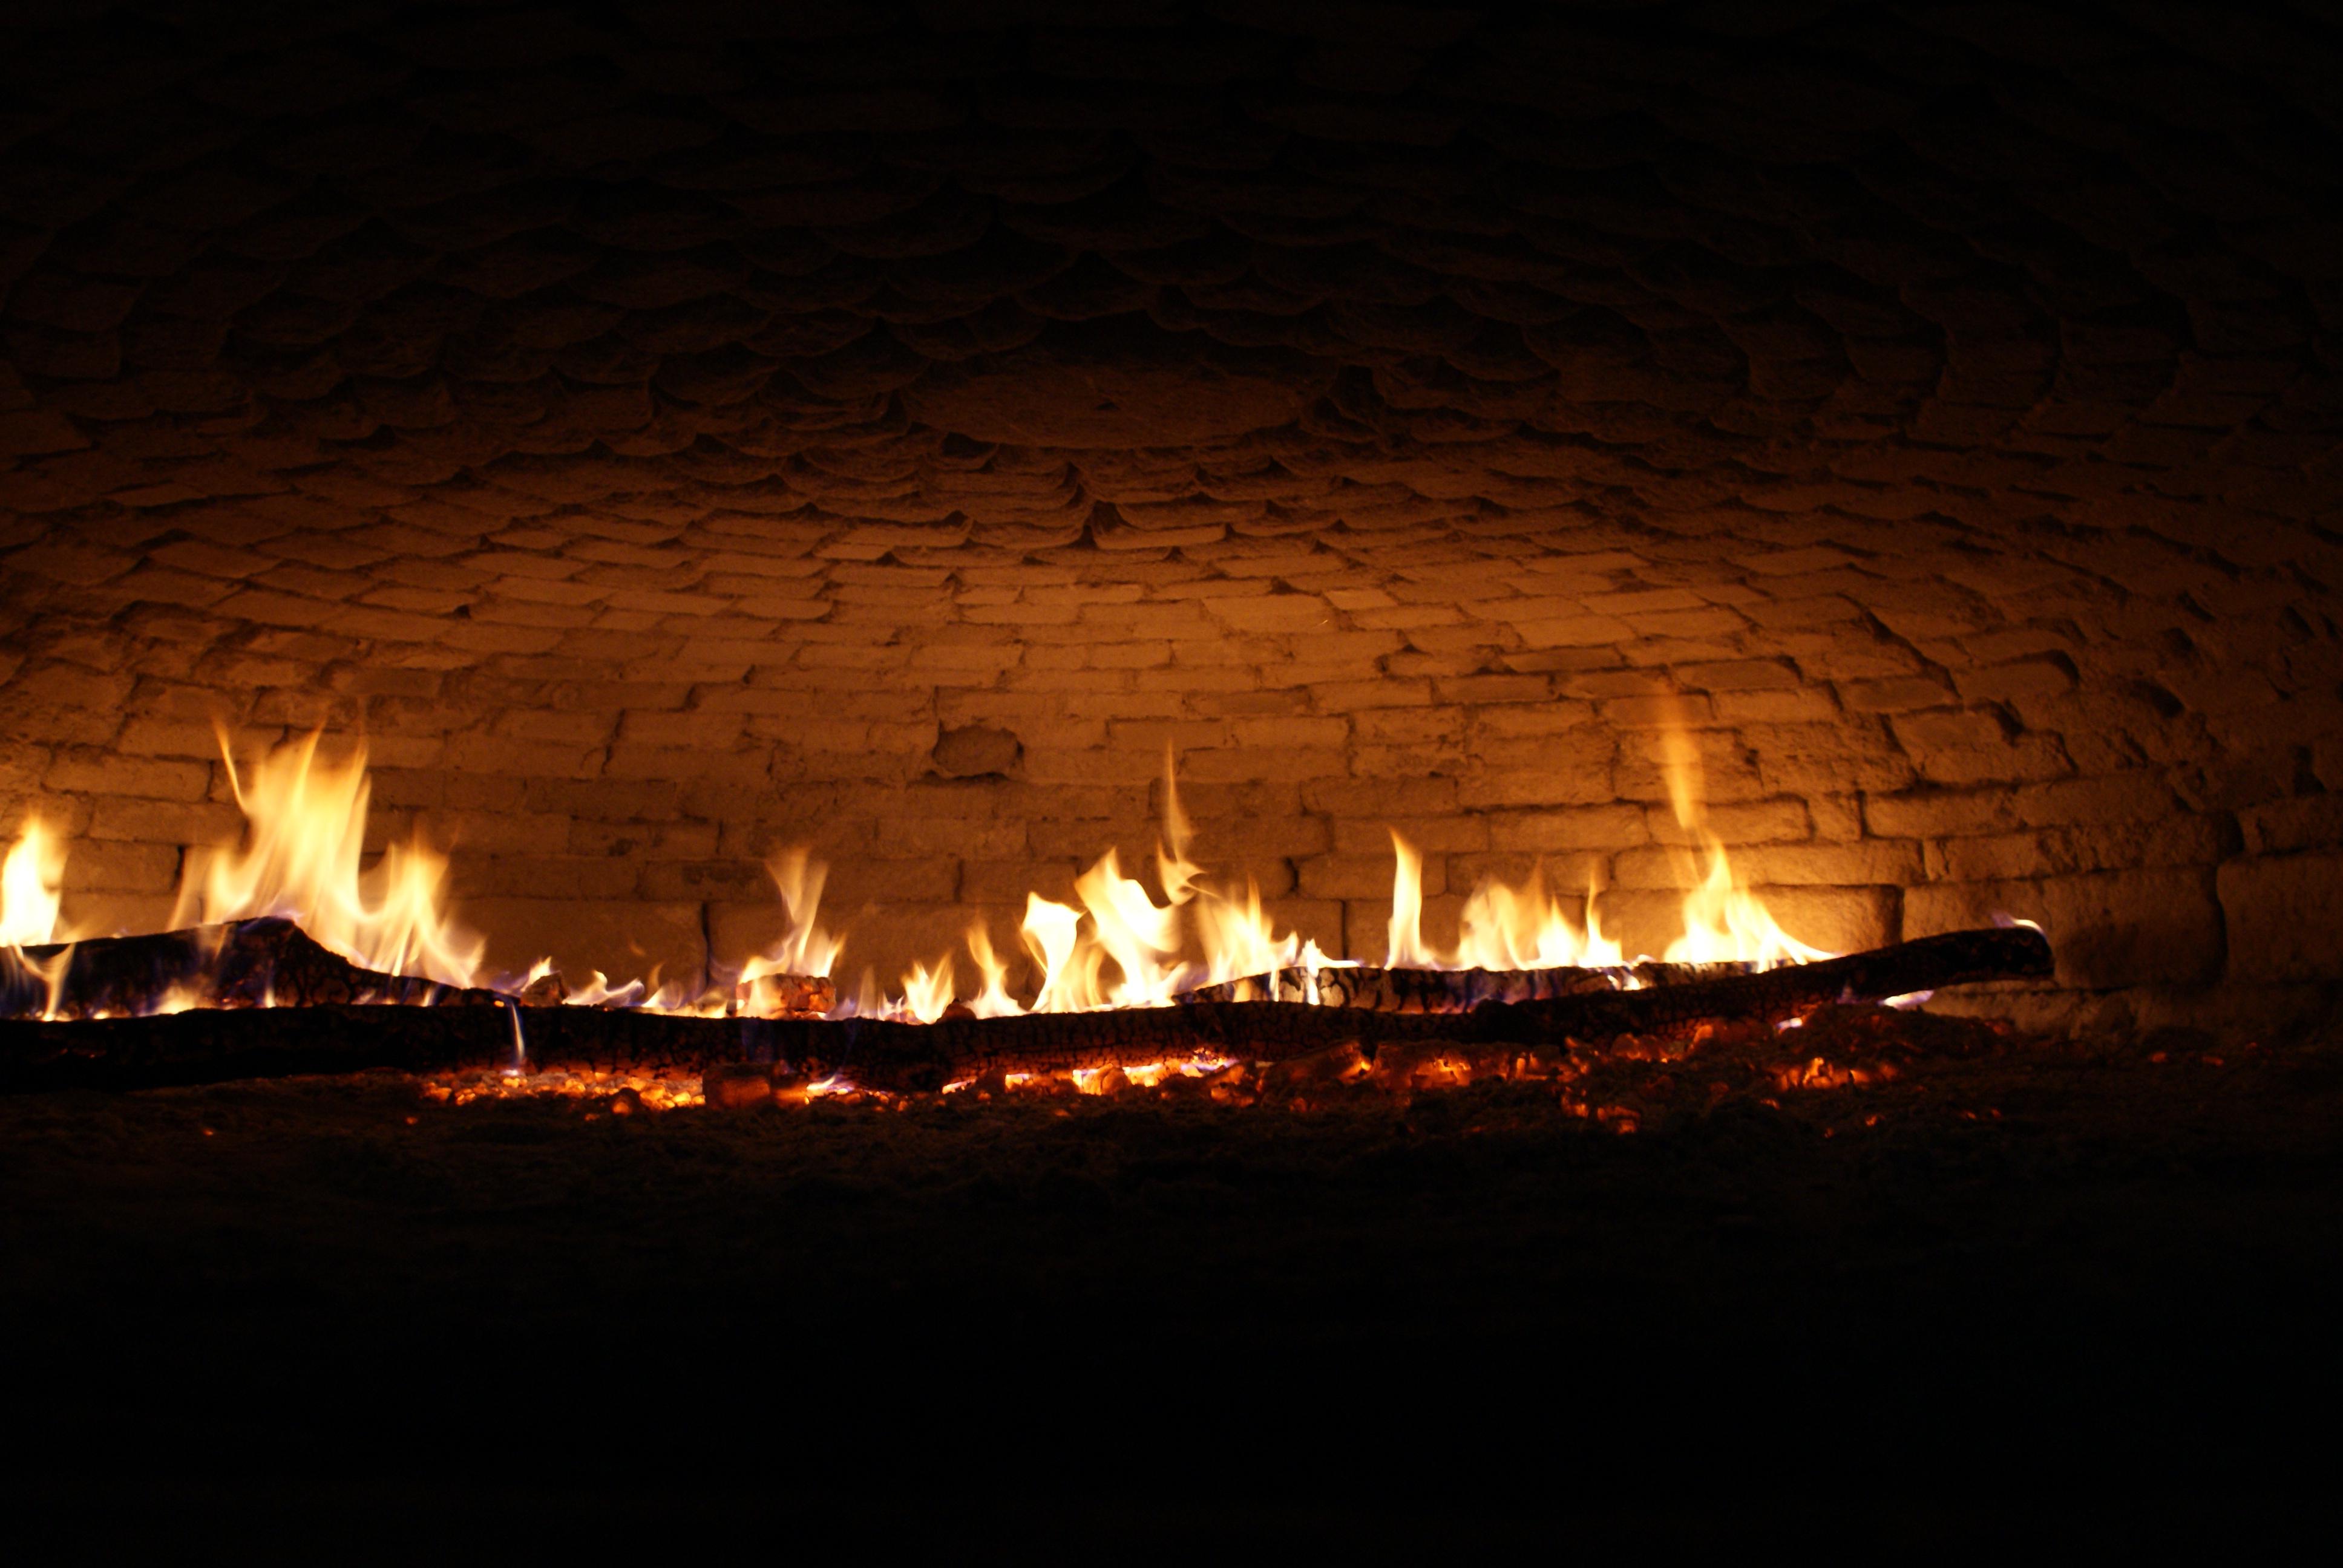 Interieur four a banaux avec feu